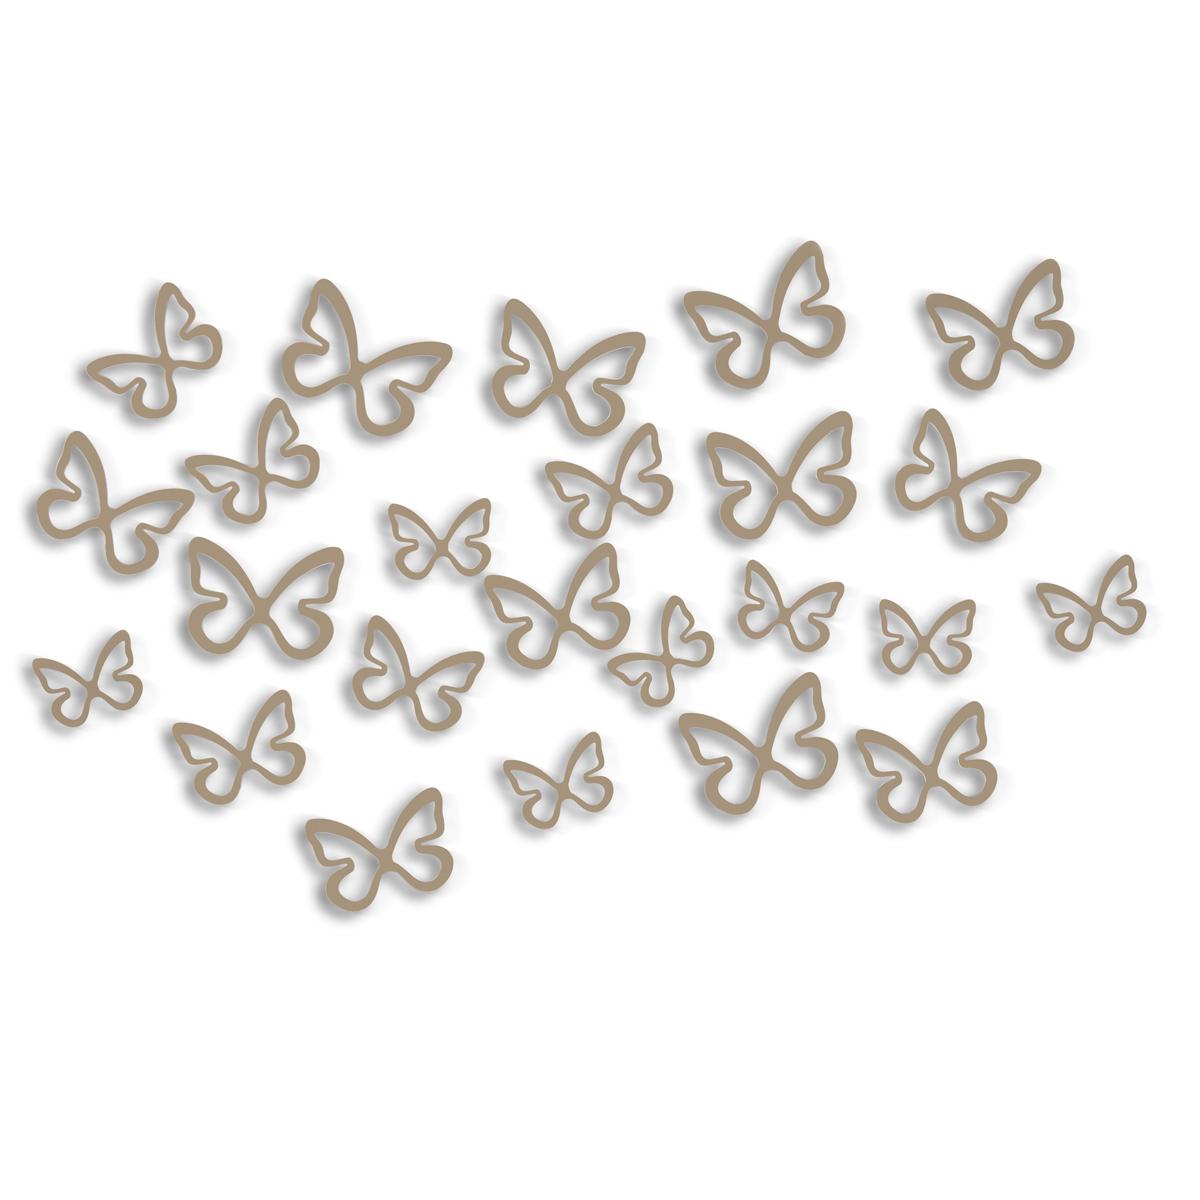 Декоративное украшение Umbra Flitterbye, настенное, 24 шт470666-480Двадцать четыре бабочки, непринужденно летающие по стене, создадут атмосферу легкости и красоты в вашей комнате. Легко крепятся к стене – все необходимое уже в комплекте. Поставляется в подарочной упаковке, с открытым дисплеем. В отличие от виниловых наклеек, подойдут для любой поверхности, даже для стен с обоями!